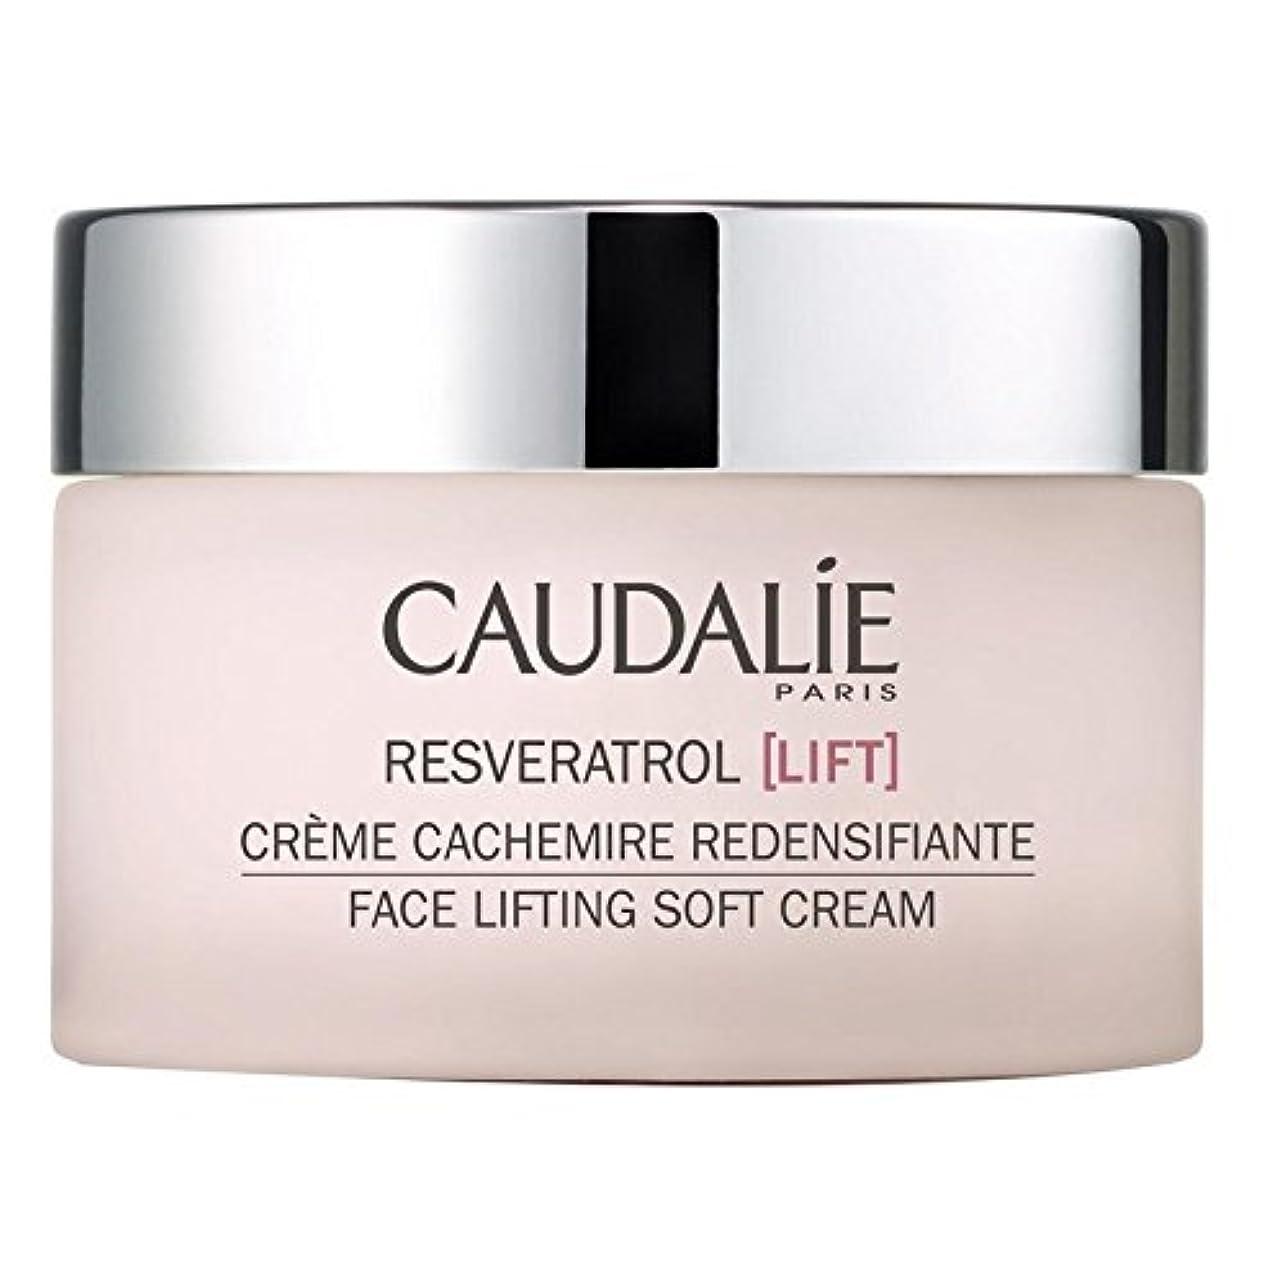 相関する加速度選ぶCaudalie Resveratrol lift Face Lifting Soft Cream 50ml (Pack of 6) - ソフトクリーム50ミリリットルを持ち上げるコーダリーレスベラトロールリフト顔 x6 [並行輸入品]